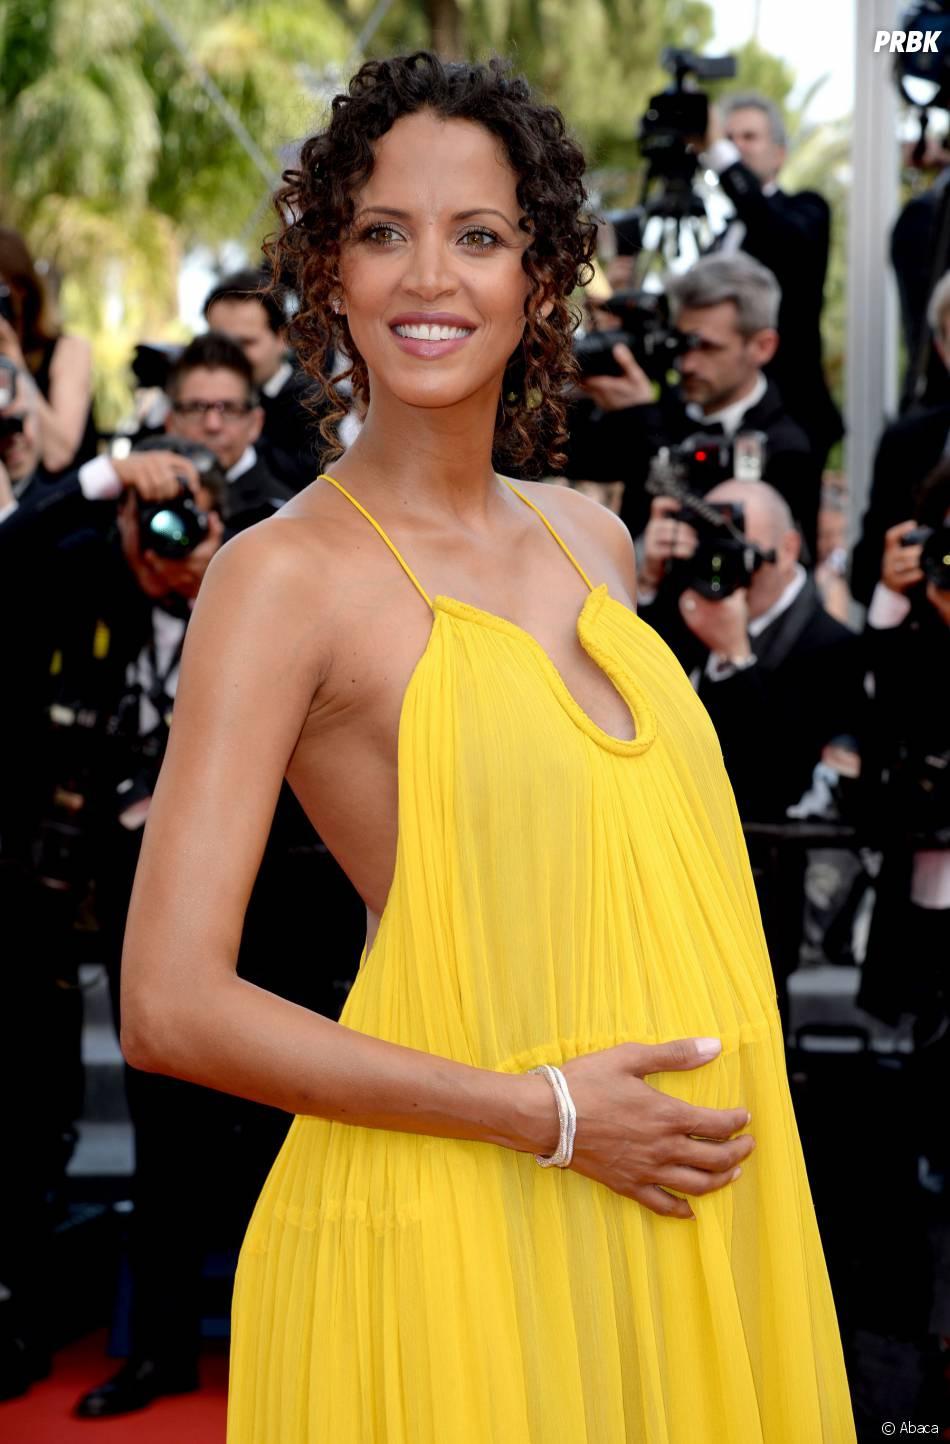 Noémie Lenoir enceinte sur le tapis rouge, le 13 mai 2015 au Festival de Cannes